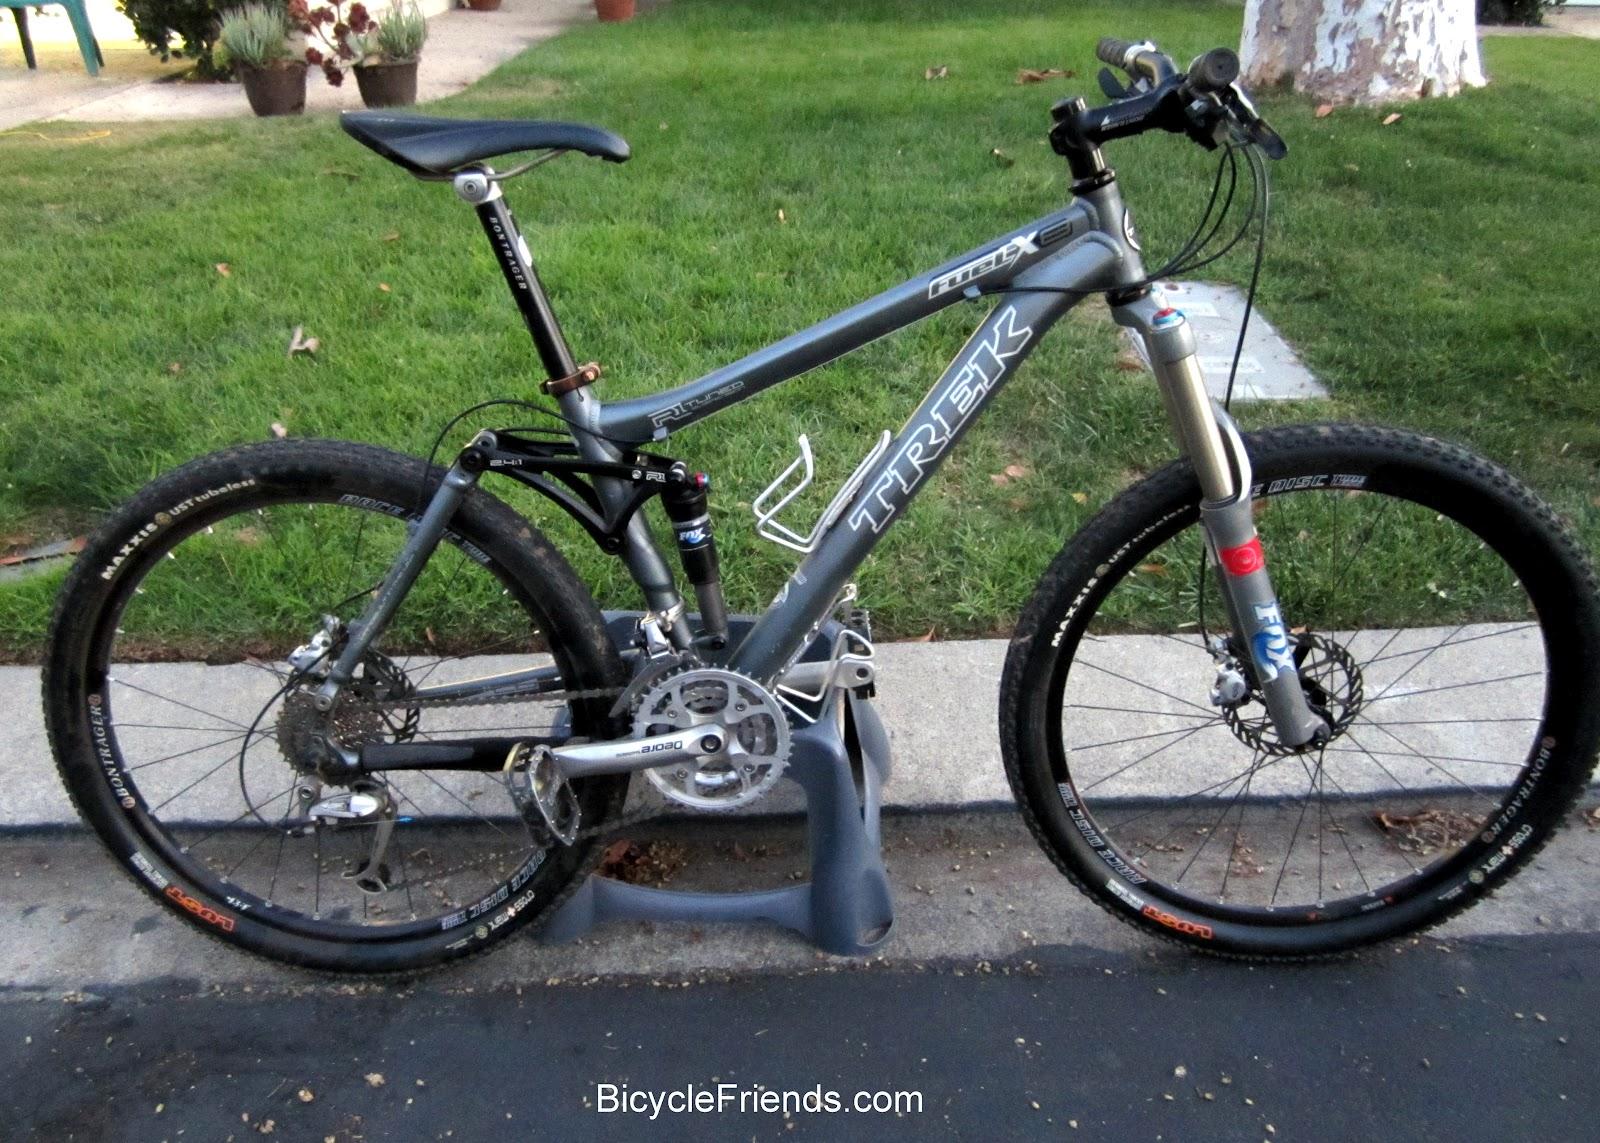 Trek Fuel Ex 8 Wallpaper: BicycleFriends.com: FOR Sale: Trek Fuel Ex 8